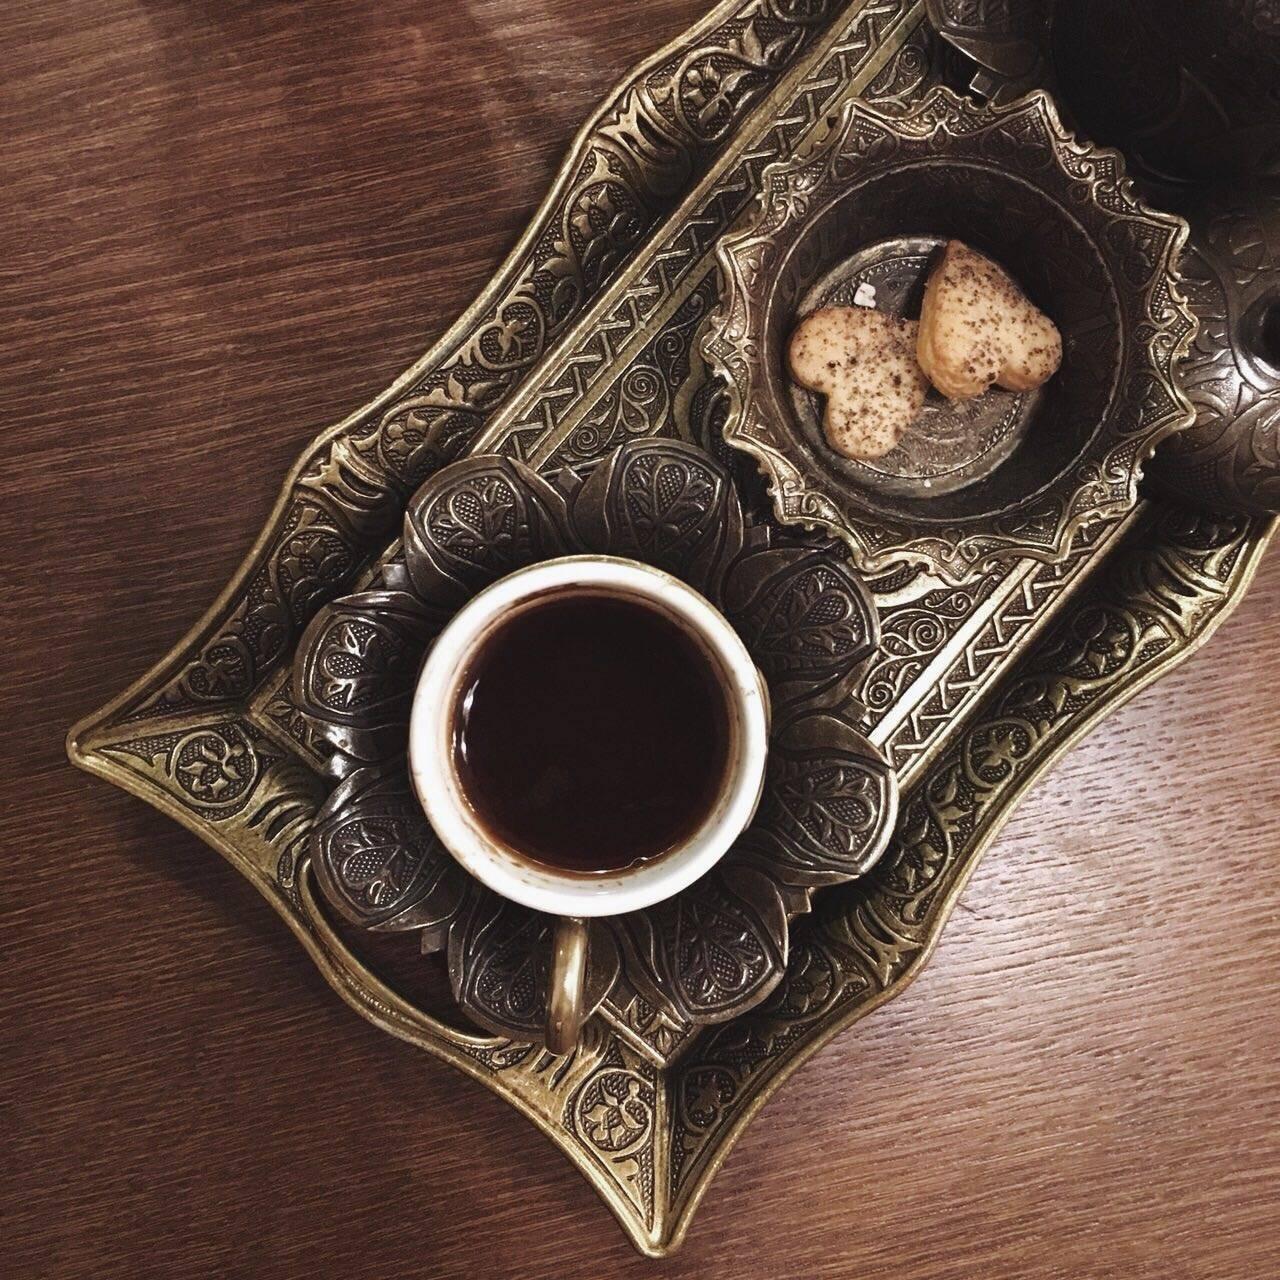 Как готовить кофе в турке. Рецепт от Марины Хюппенен.